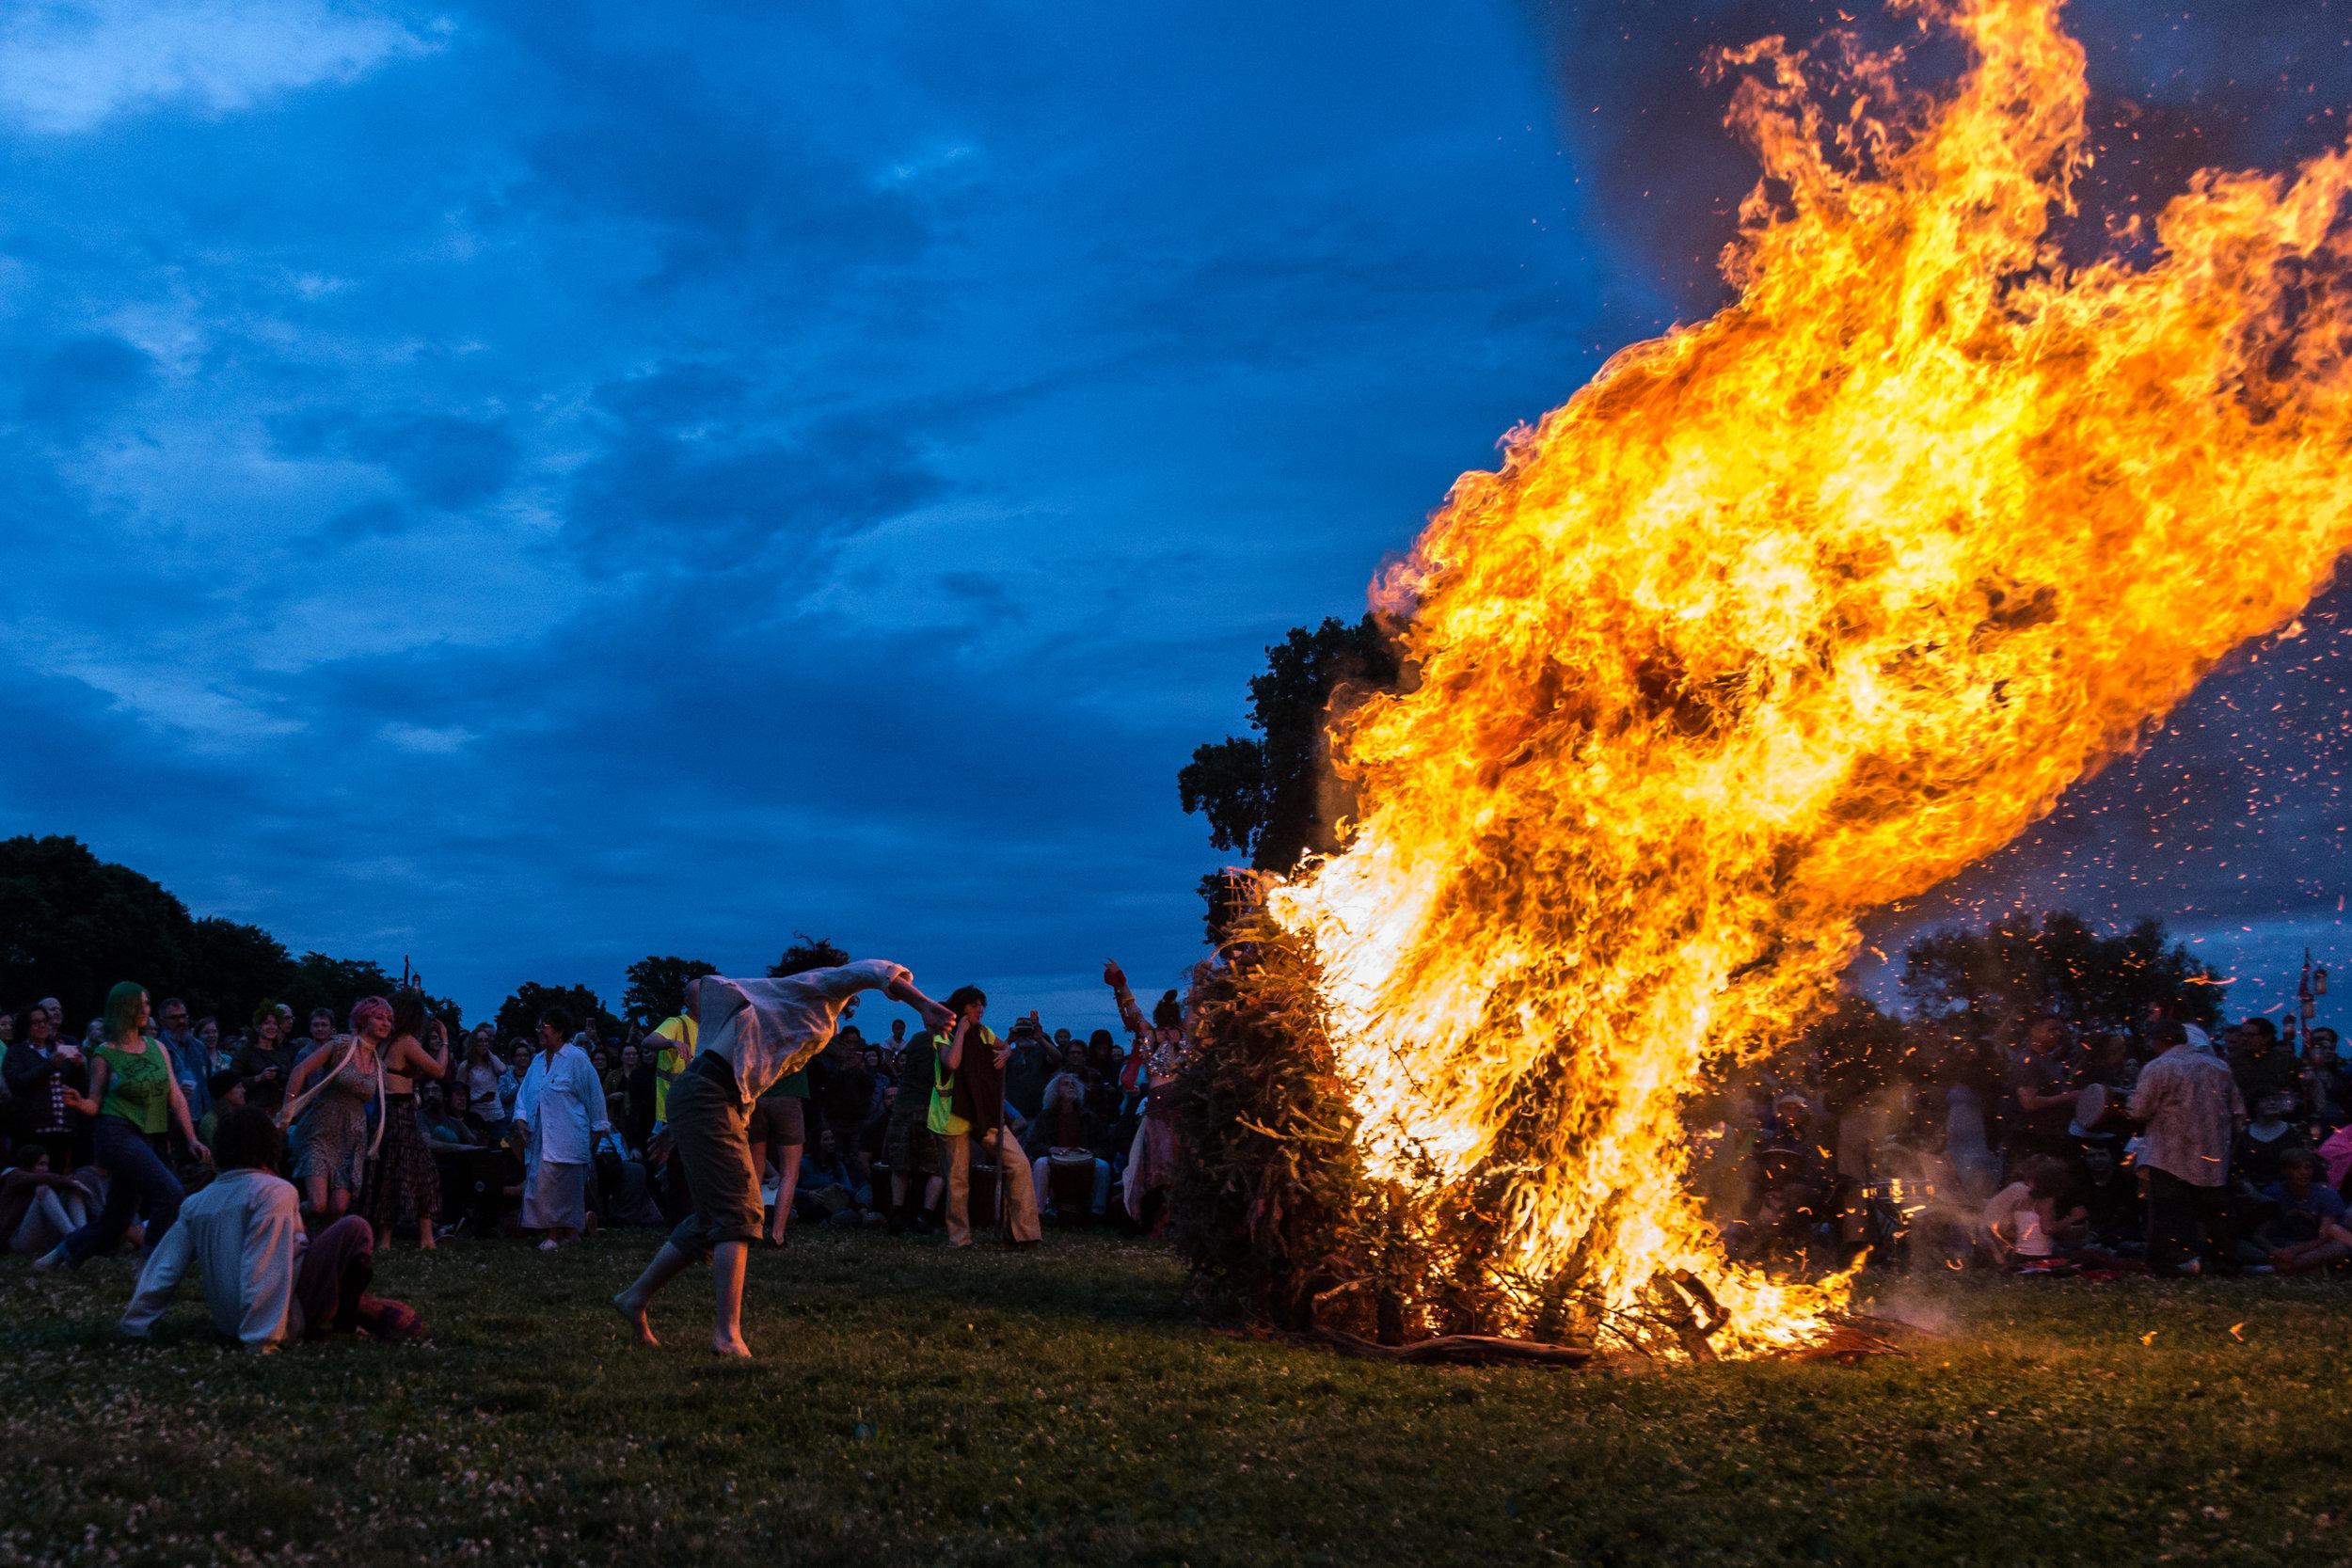 Summer Solstice Bonfire, 2019  Madison, WI